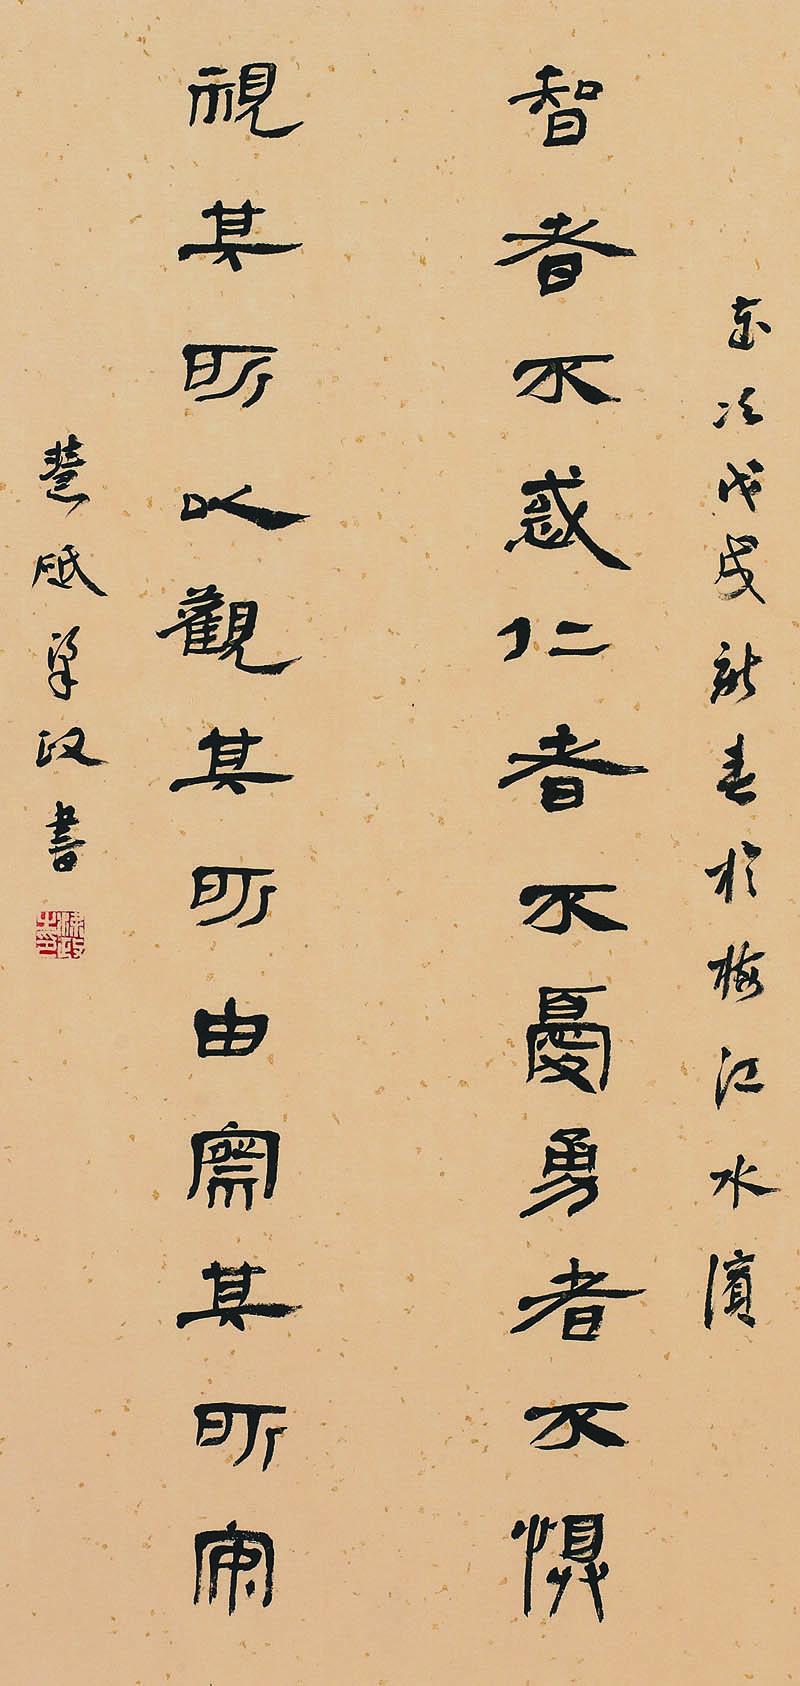 033梁政-隶书竖幅-《论语·子罕》-《论语·学而第一》